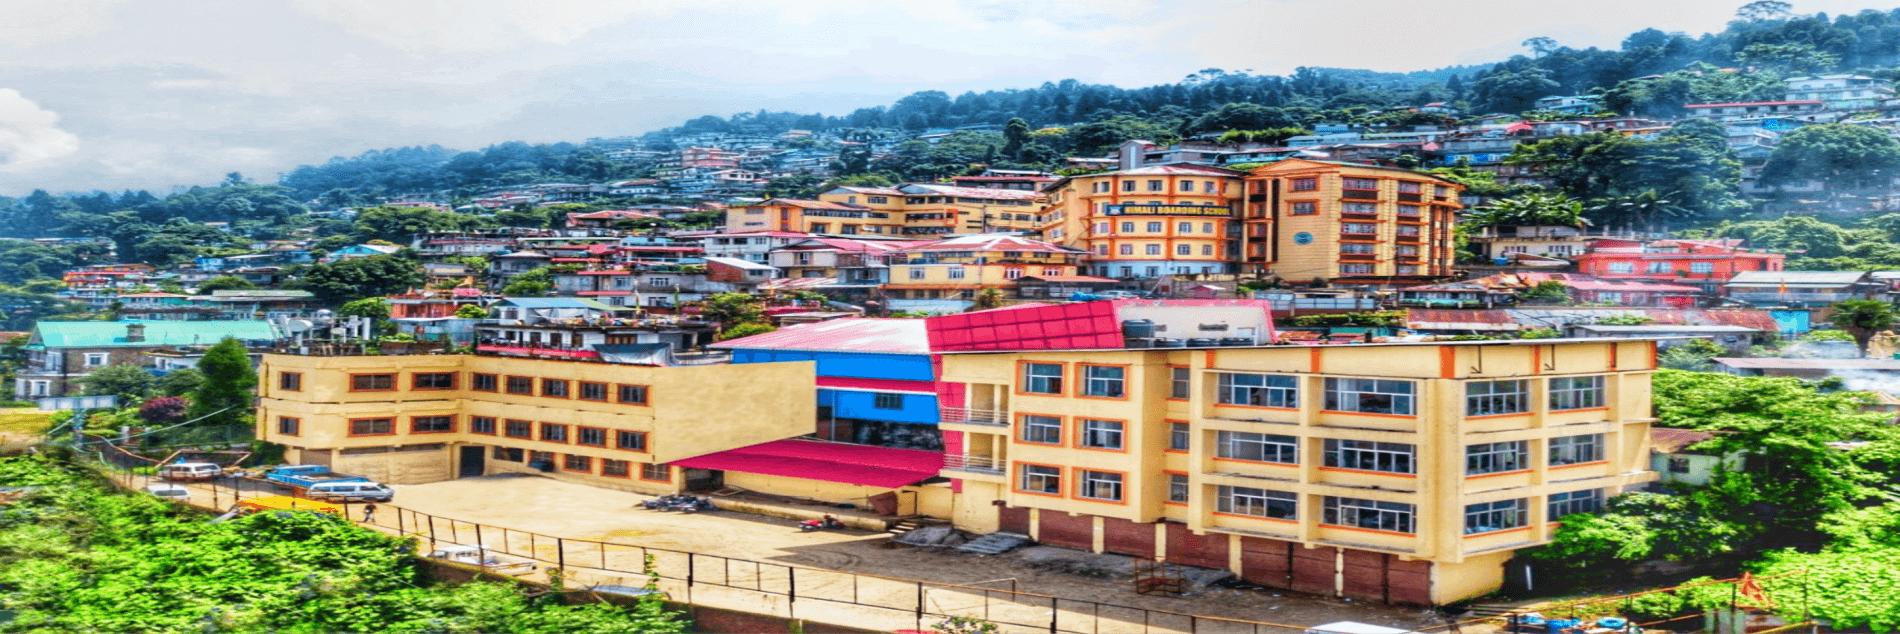 HIMALI BOARDING SCHOOL